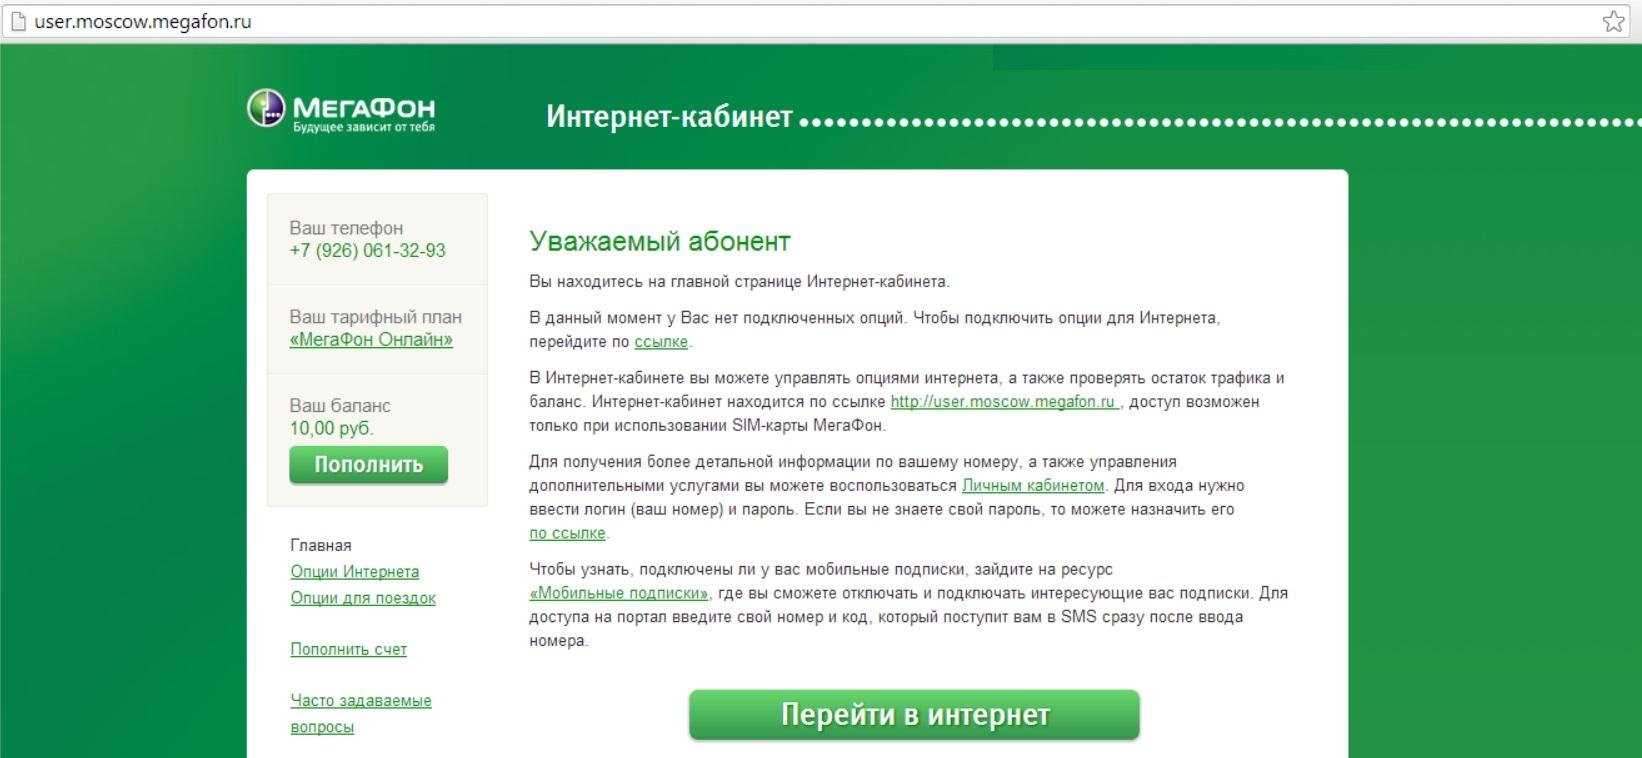 Зеленоглазый интернет